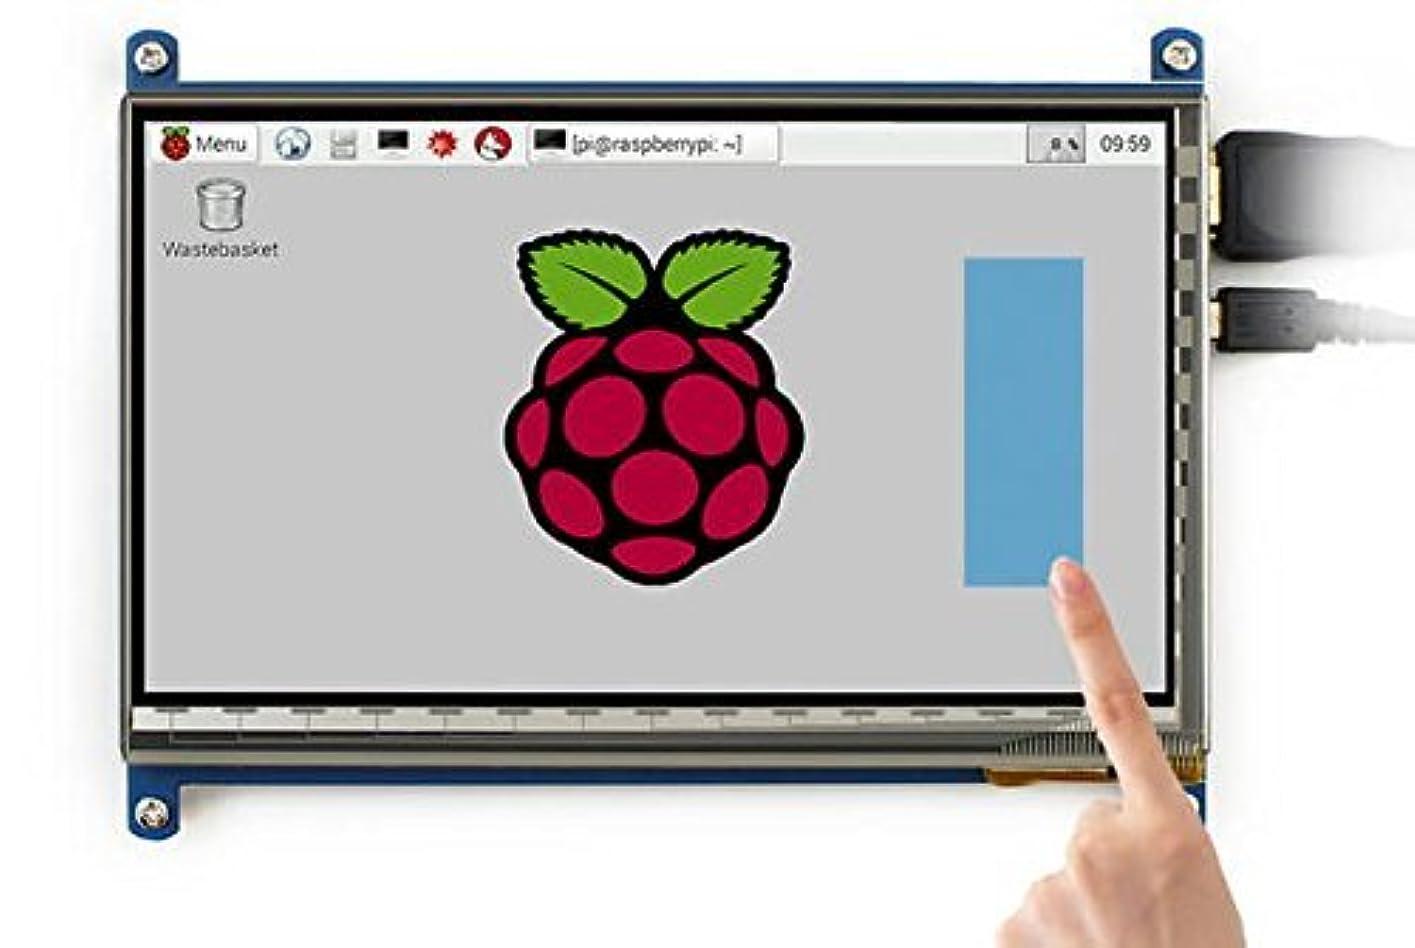 アンティーク嫌い医学cocopar Raspberry Pi (1024*600)ラズベリーパイに適応する7インチHDMI ハイビジョン LCDディスプレイ USBコンデンサータッチモニター 液晶パネル スクリーン